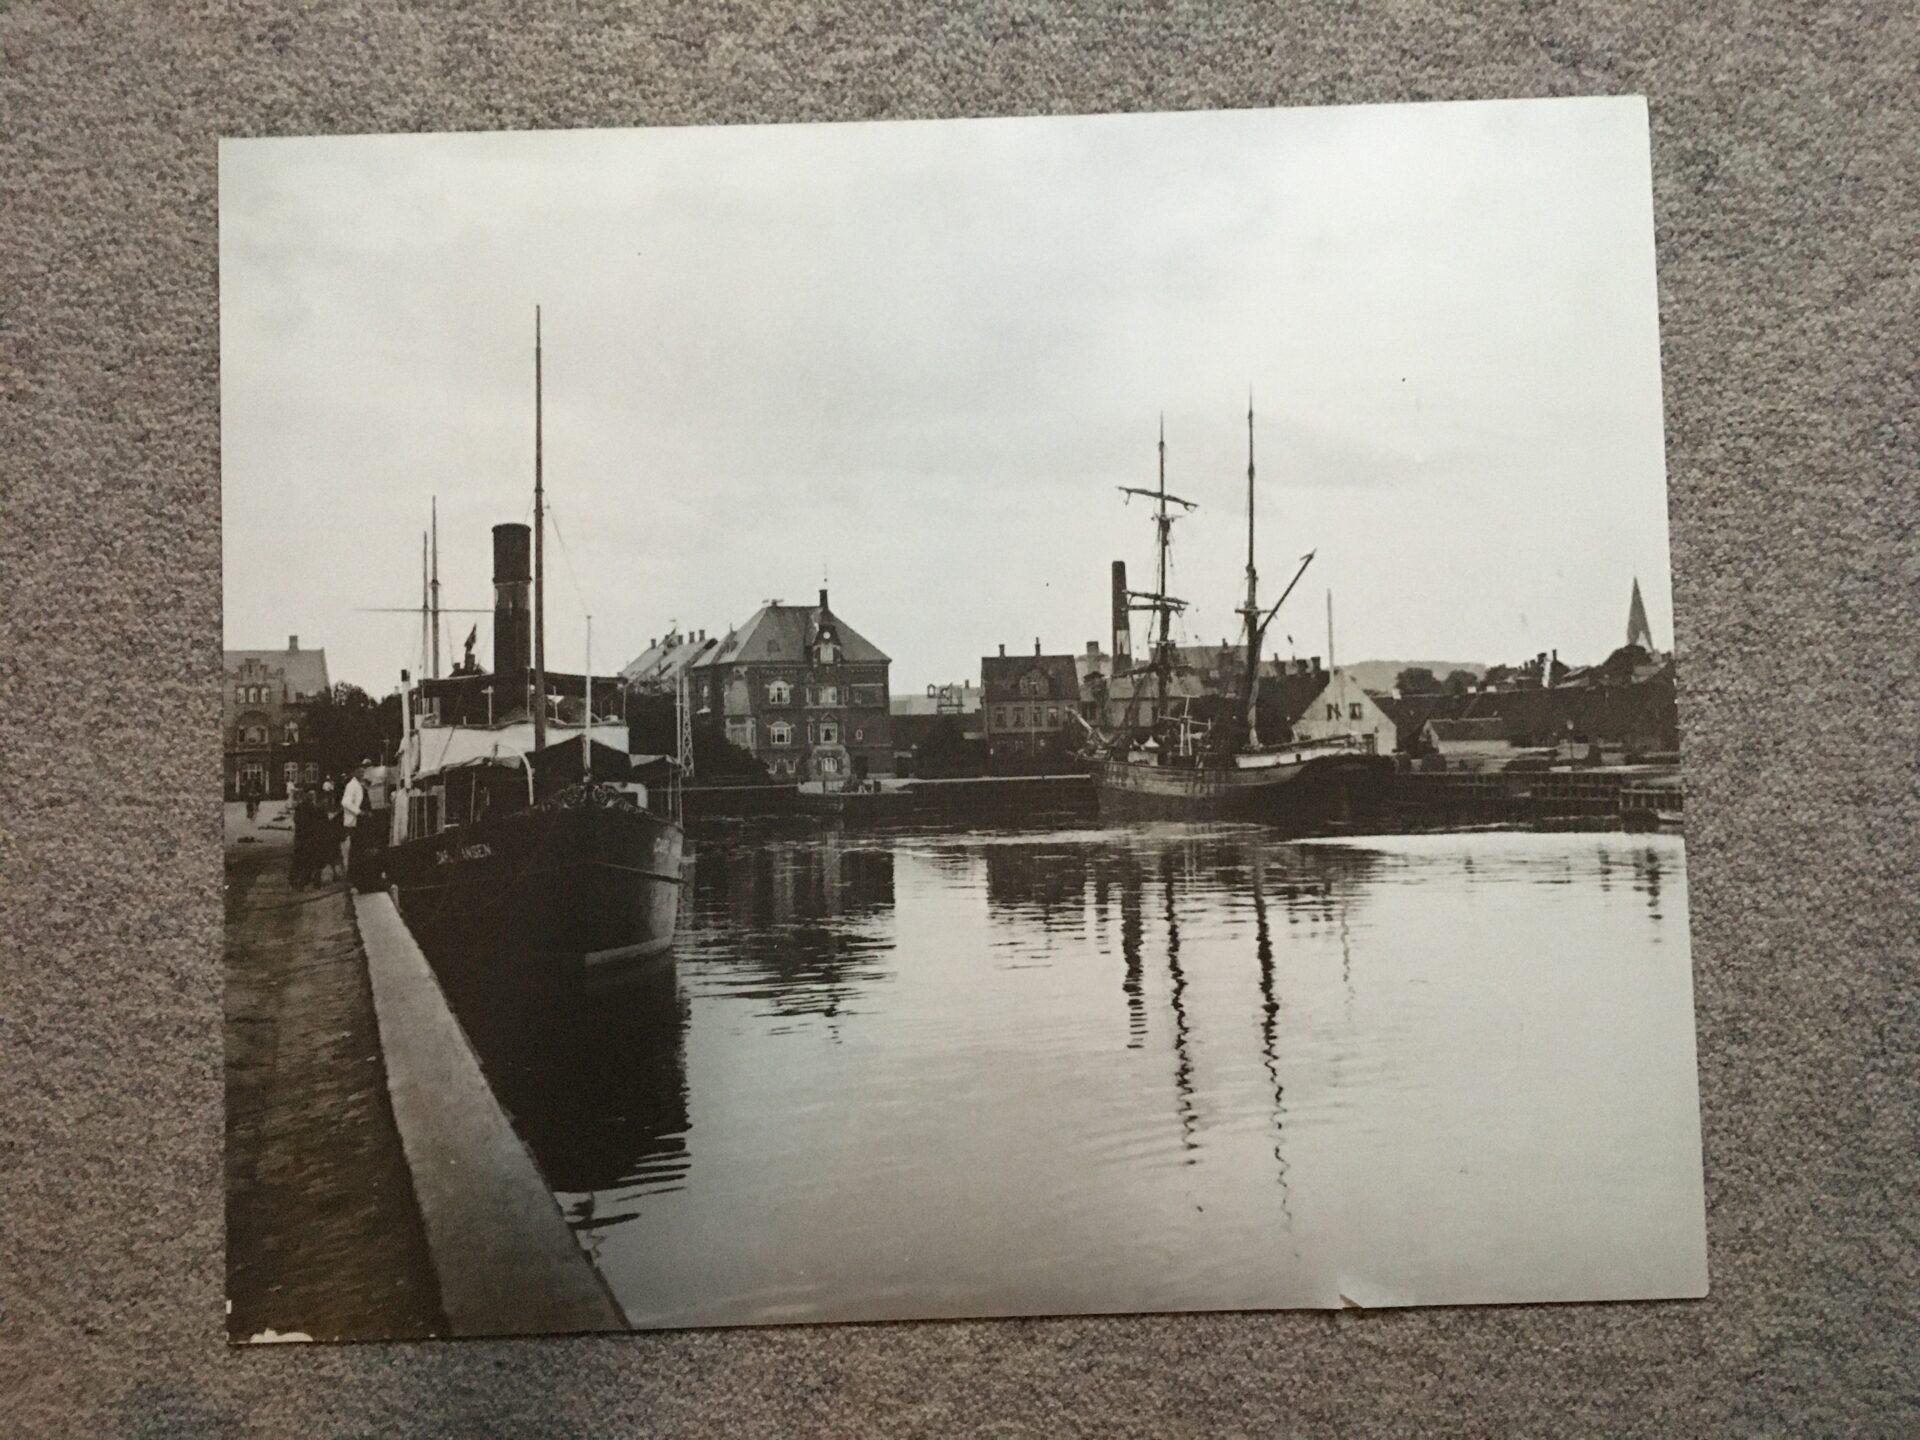 stor fotostat, 58x68 cm, Vejle Havn anno ca 1910, pris 200 kr